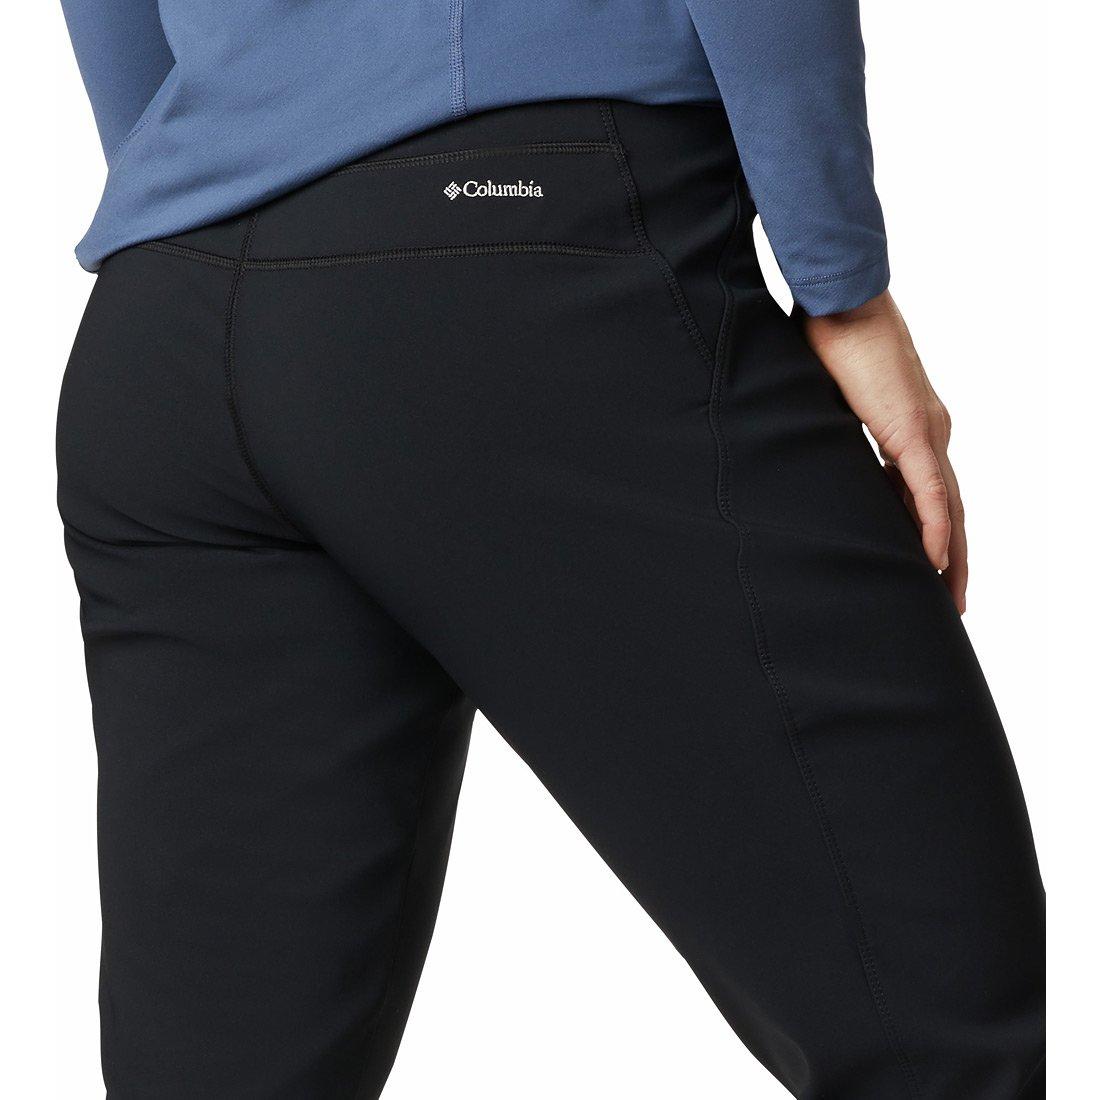 מכנסיים ארוכים לנשים - Back Beauty Highrise - Columbia